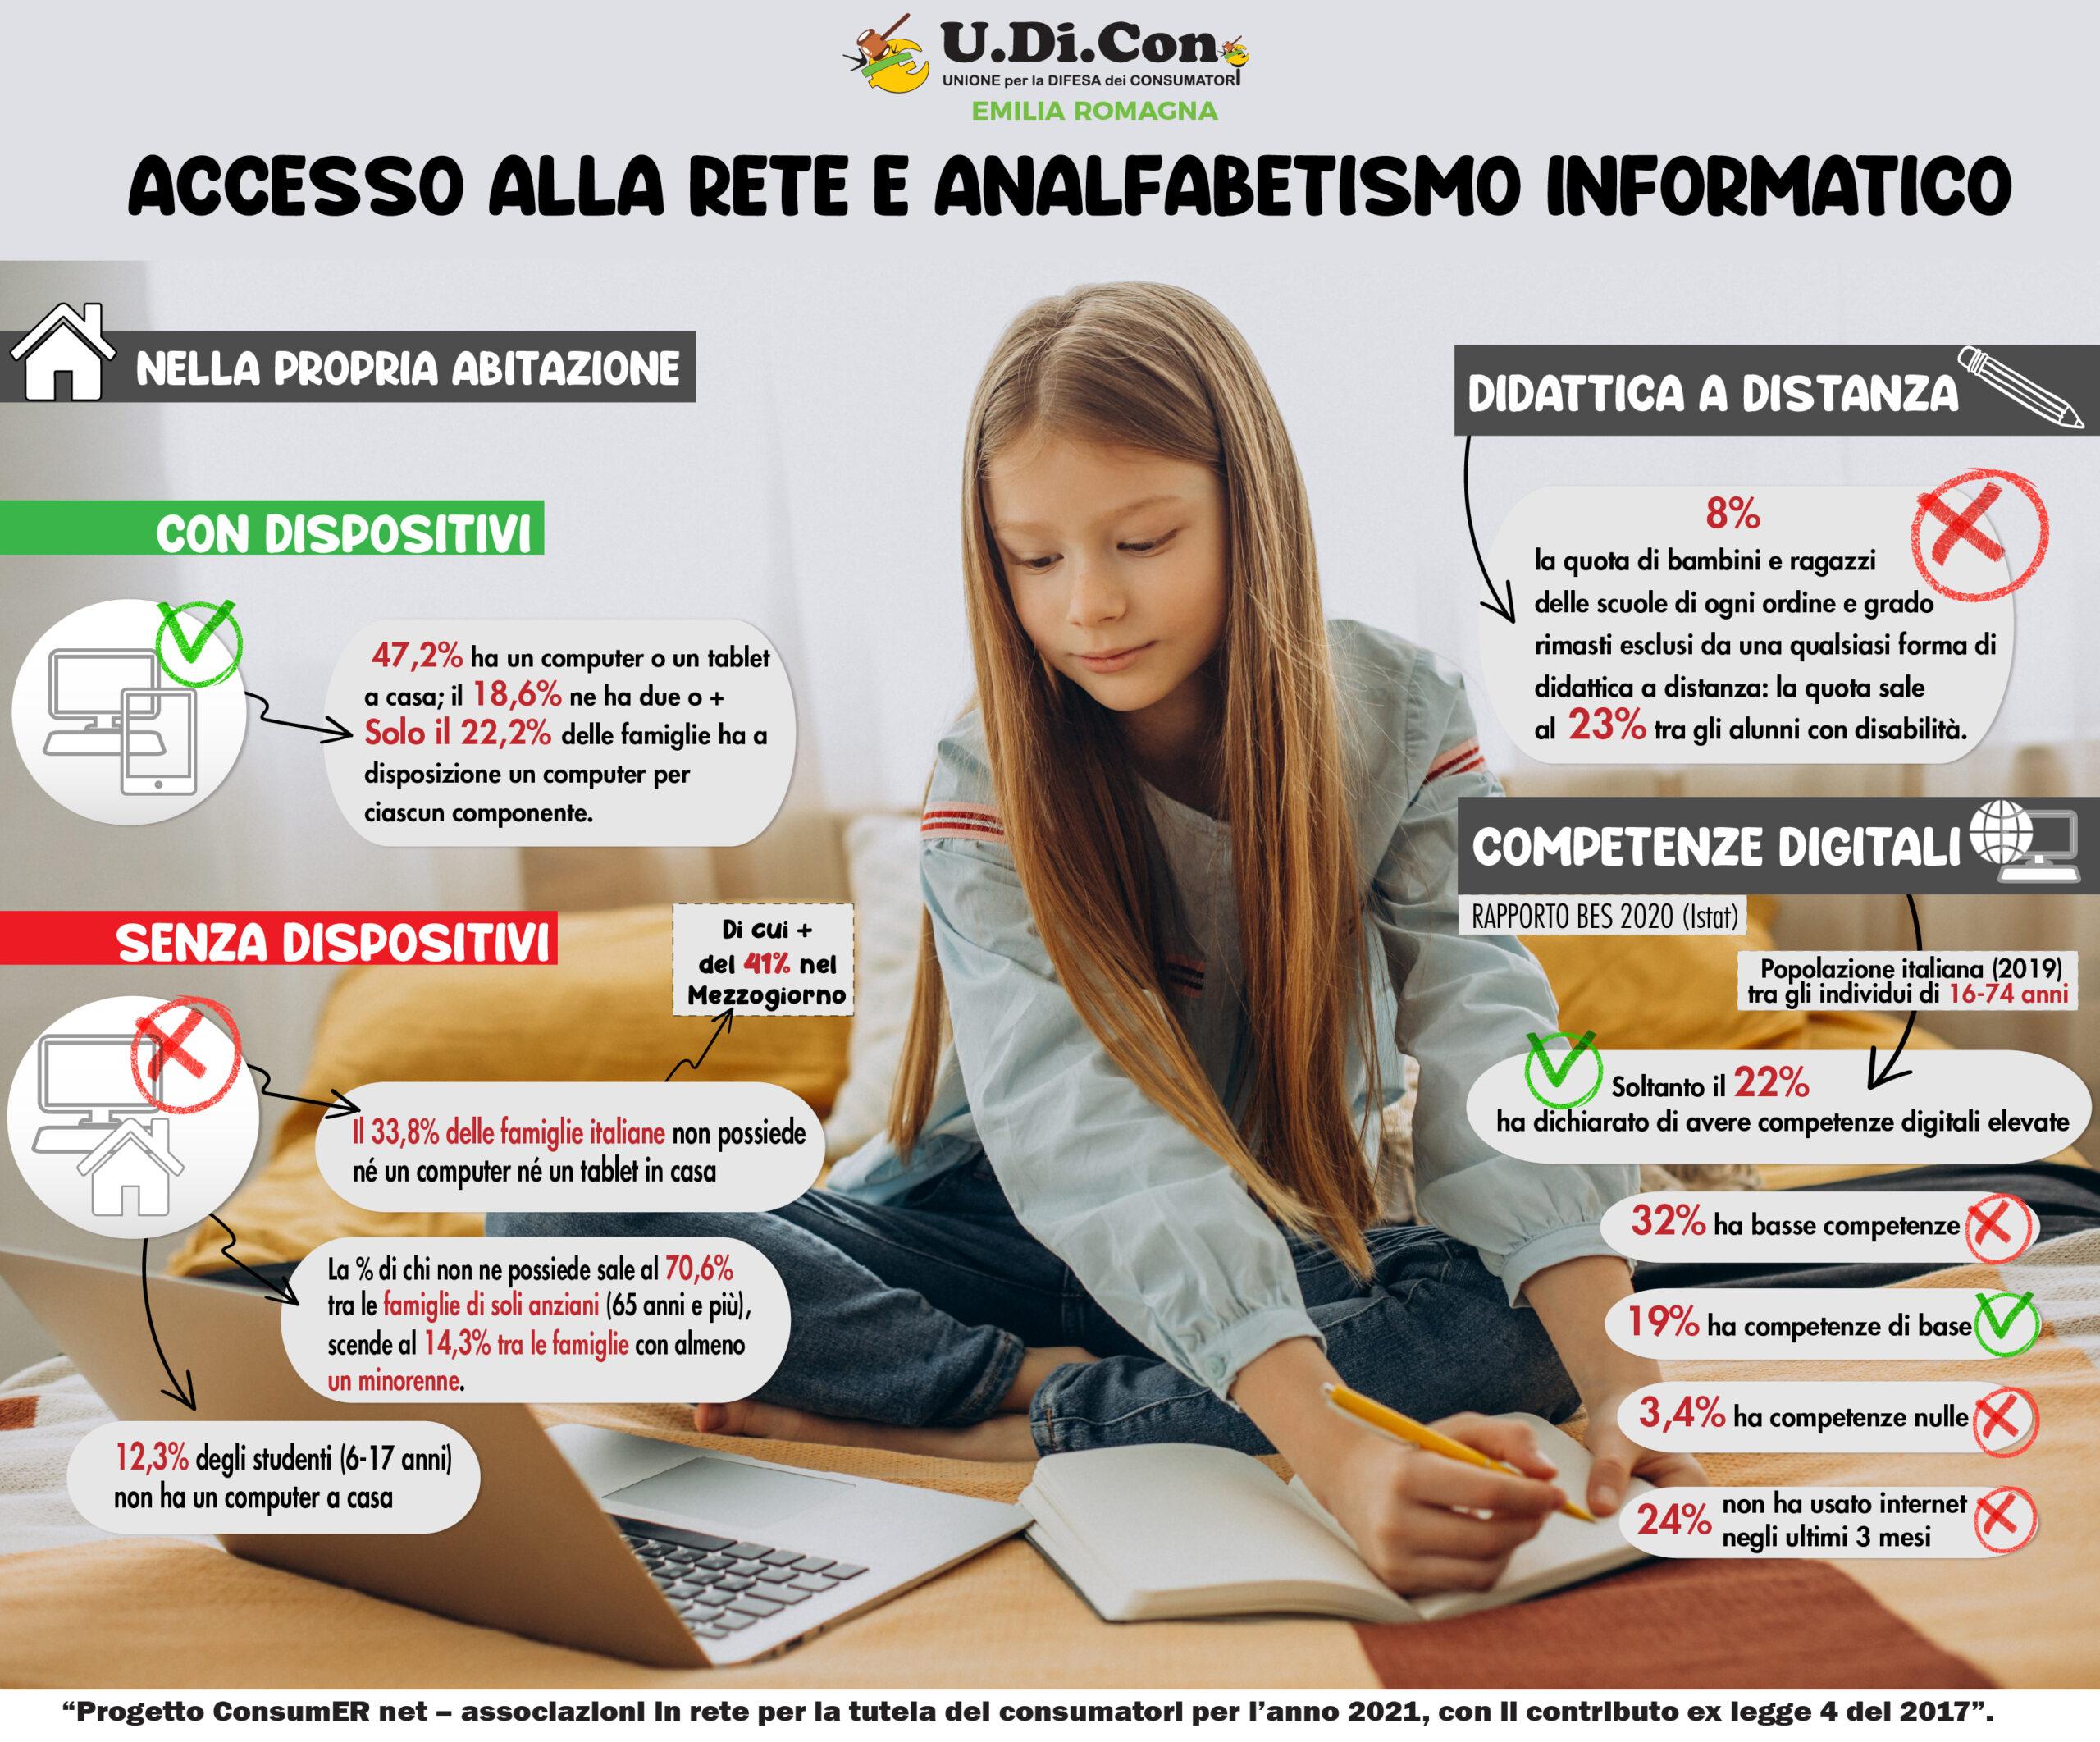 Infografica - Accesso alla rete e analfabetismo informatico